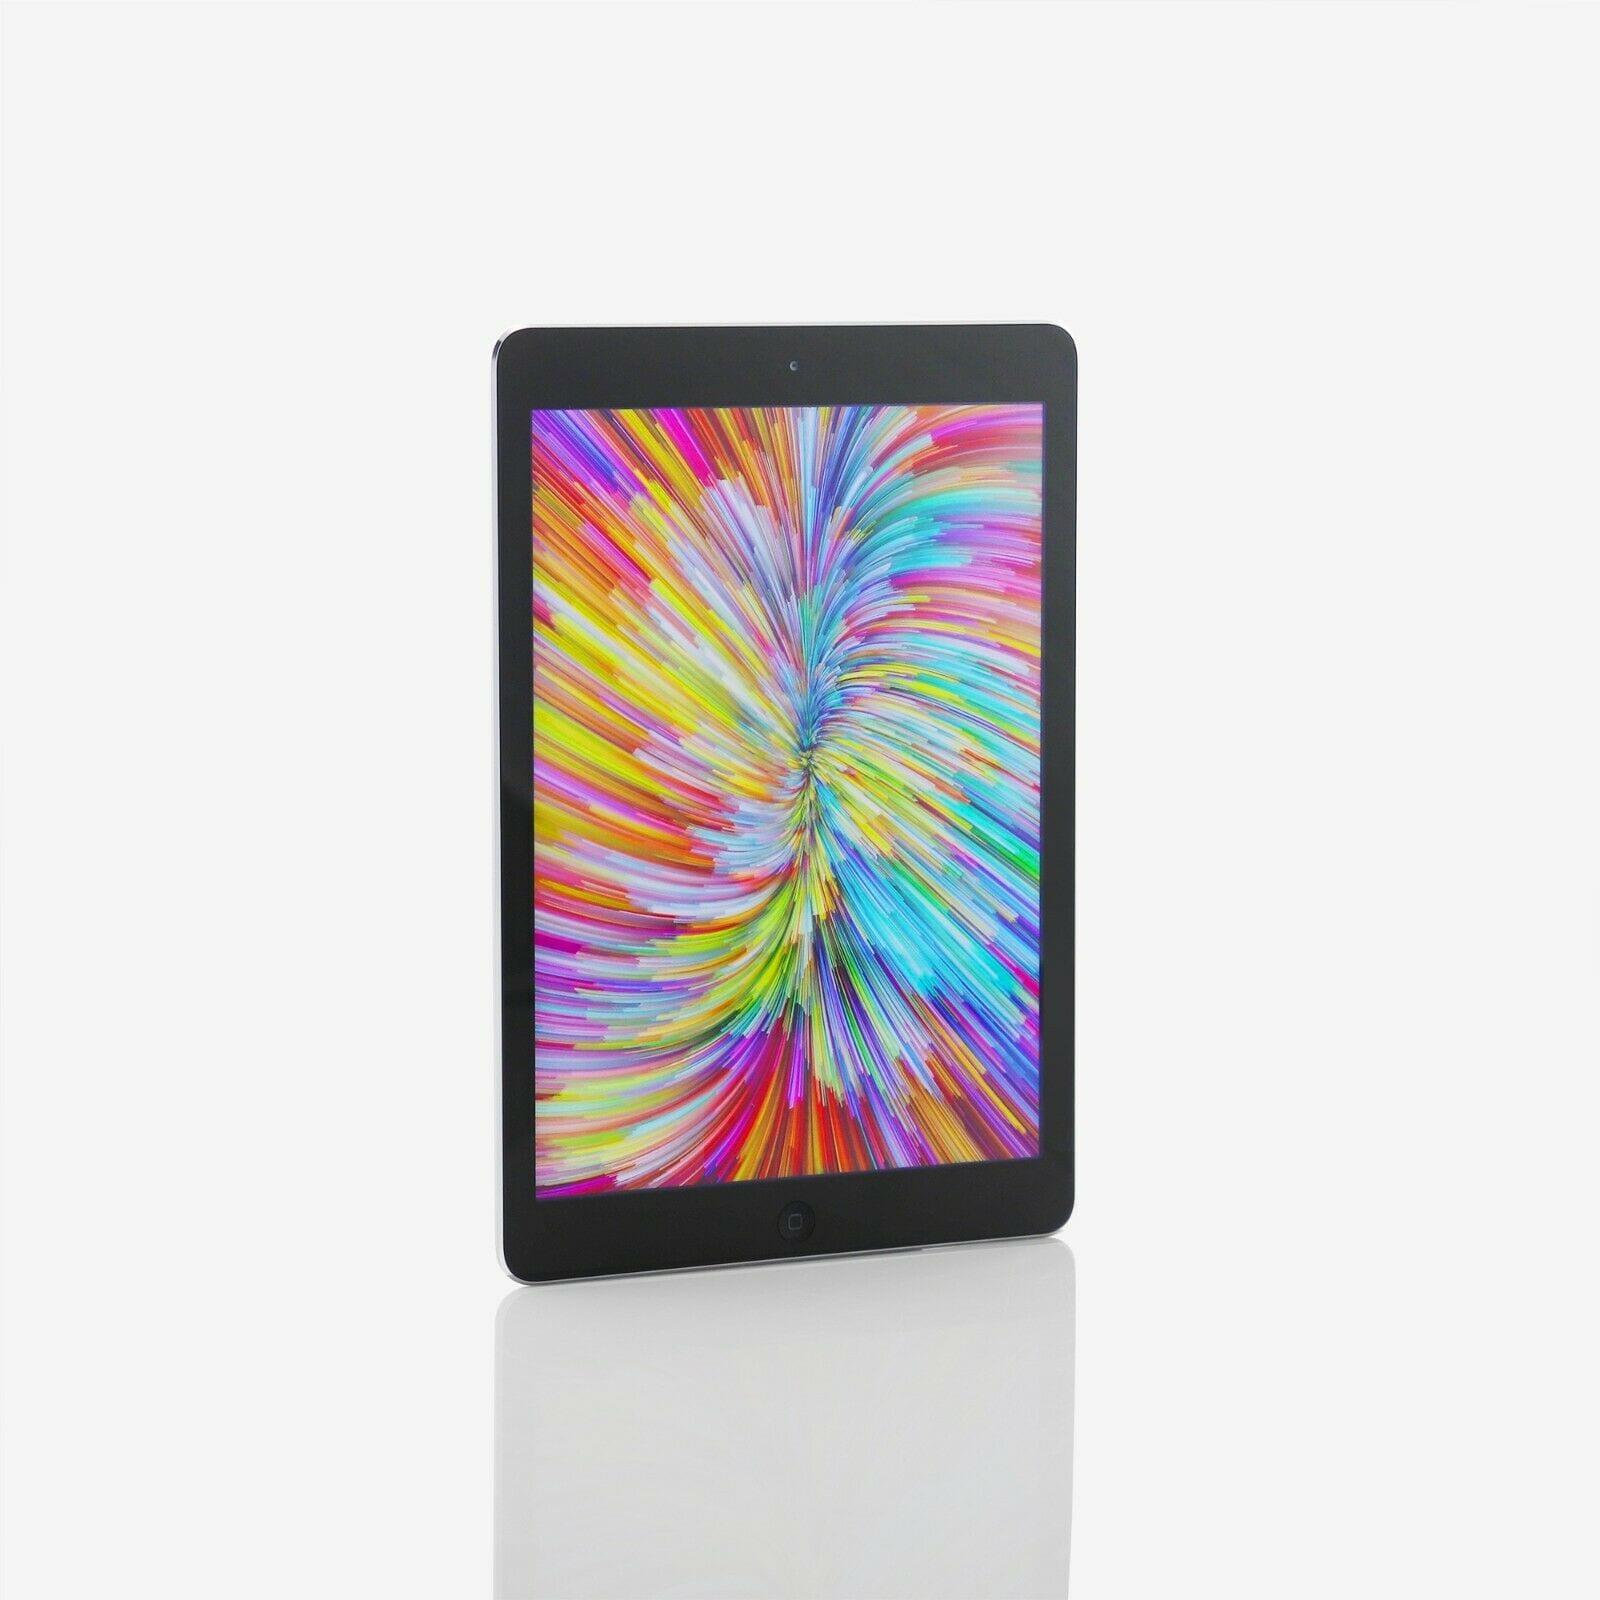 1 x iPad mini (Wi-Fi) Space Grey